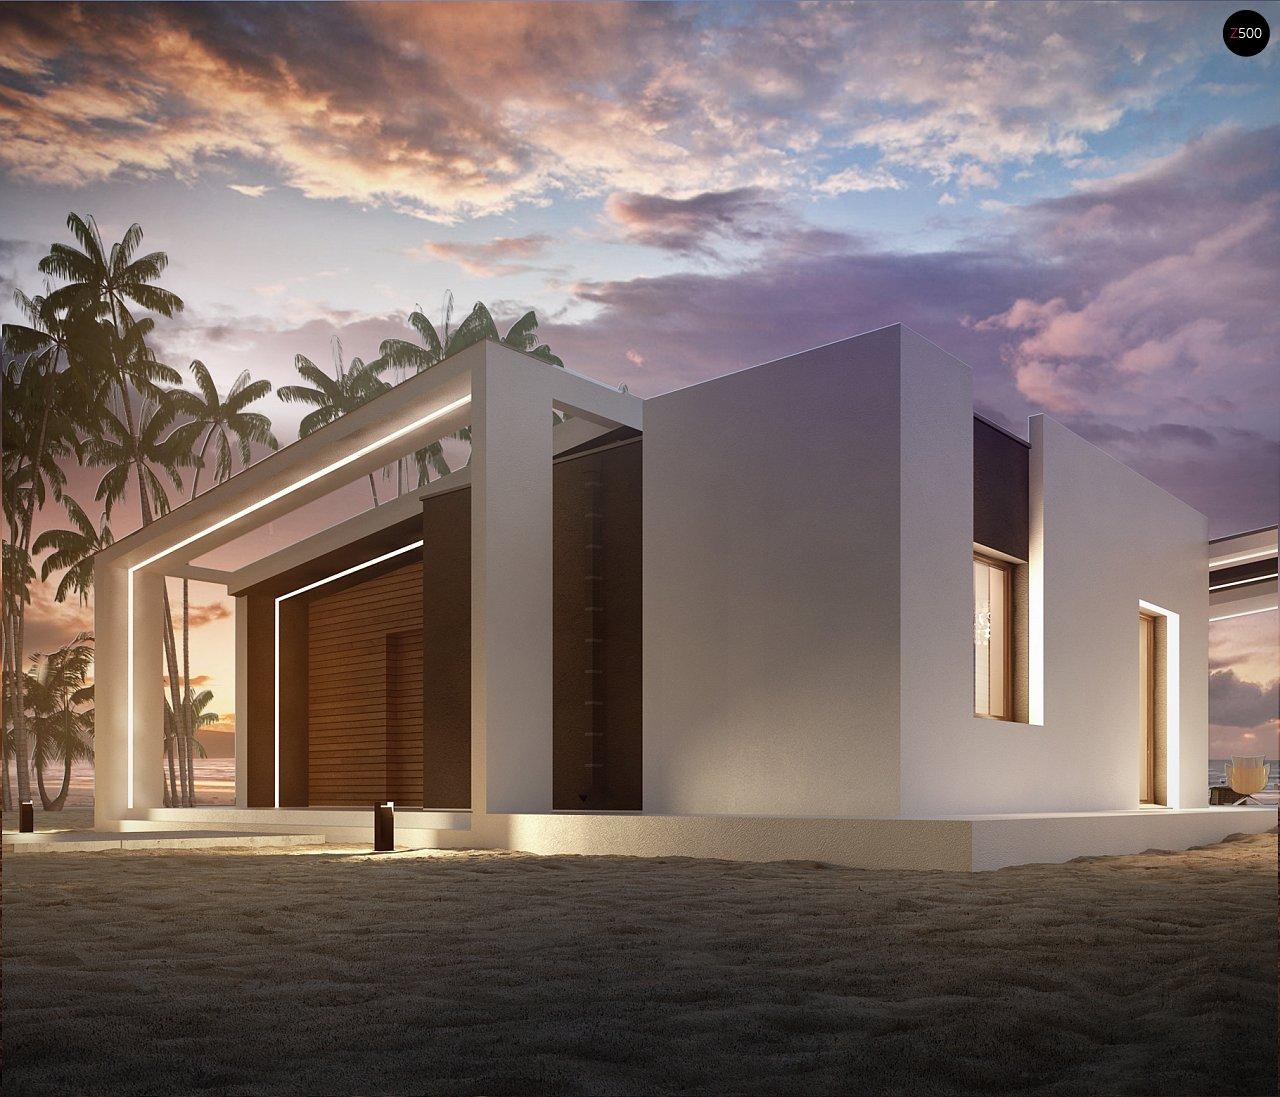 Проект современного дома в стиле хай-тек с двумя спальнями. - фото 5